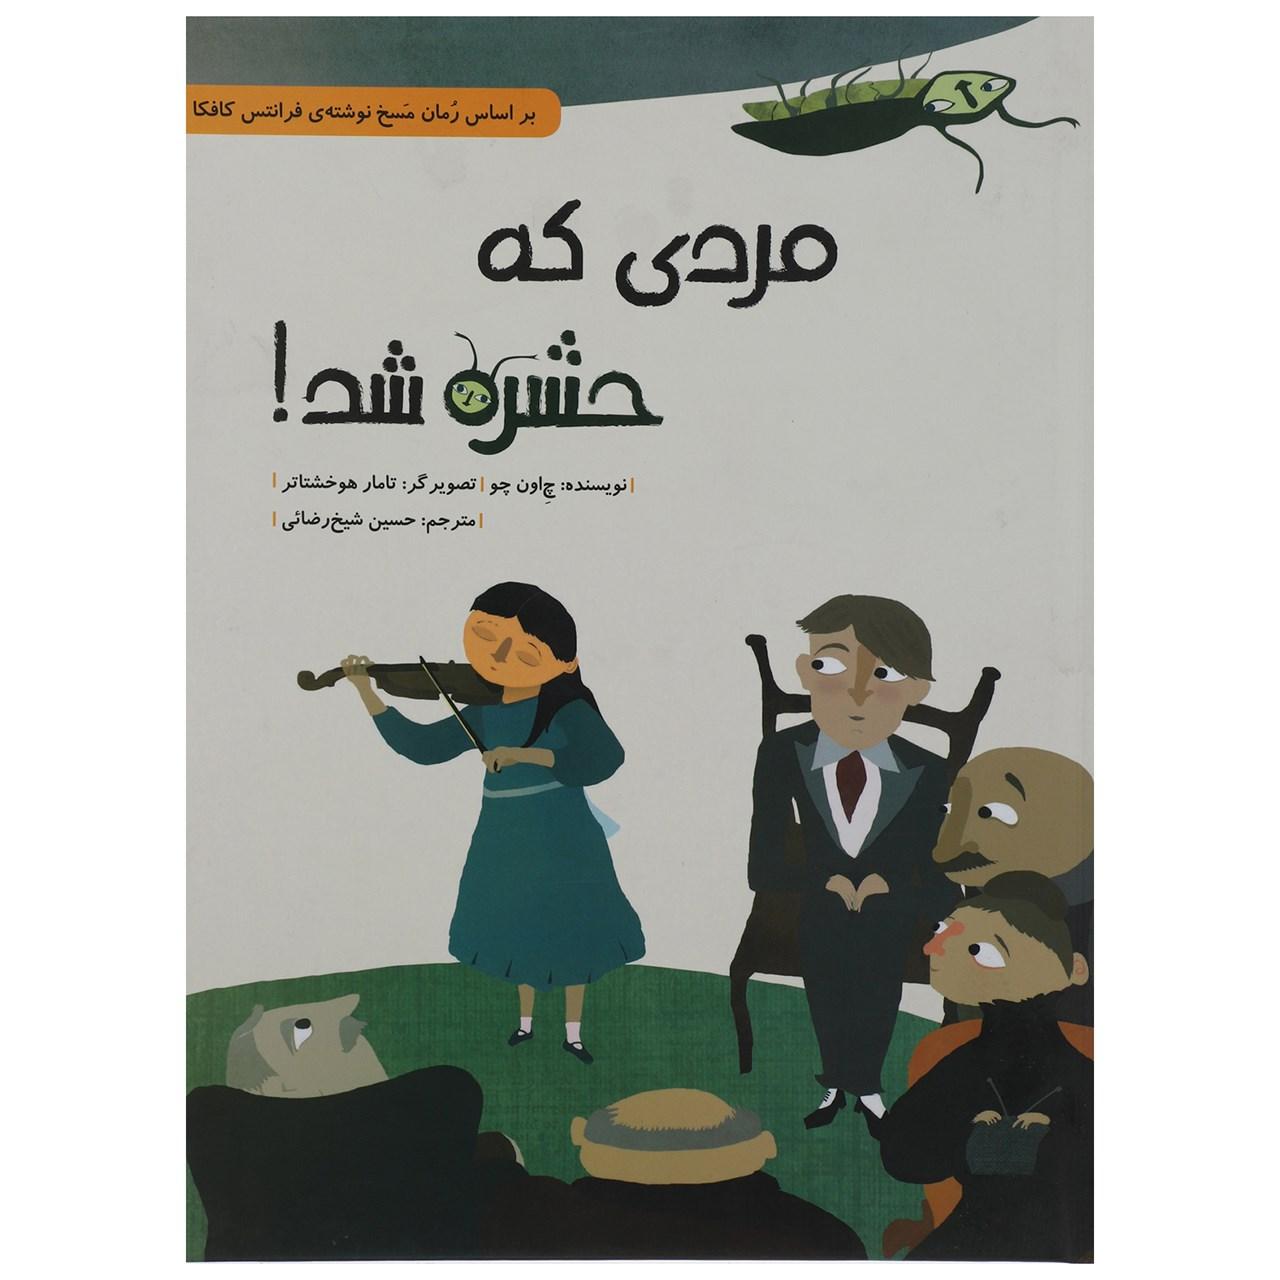 کتاب مردی که حشره شد اثر چ اون چو - سلفون